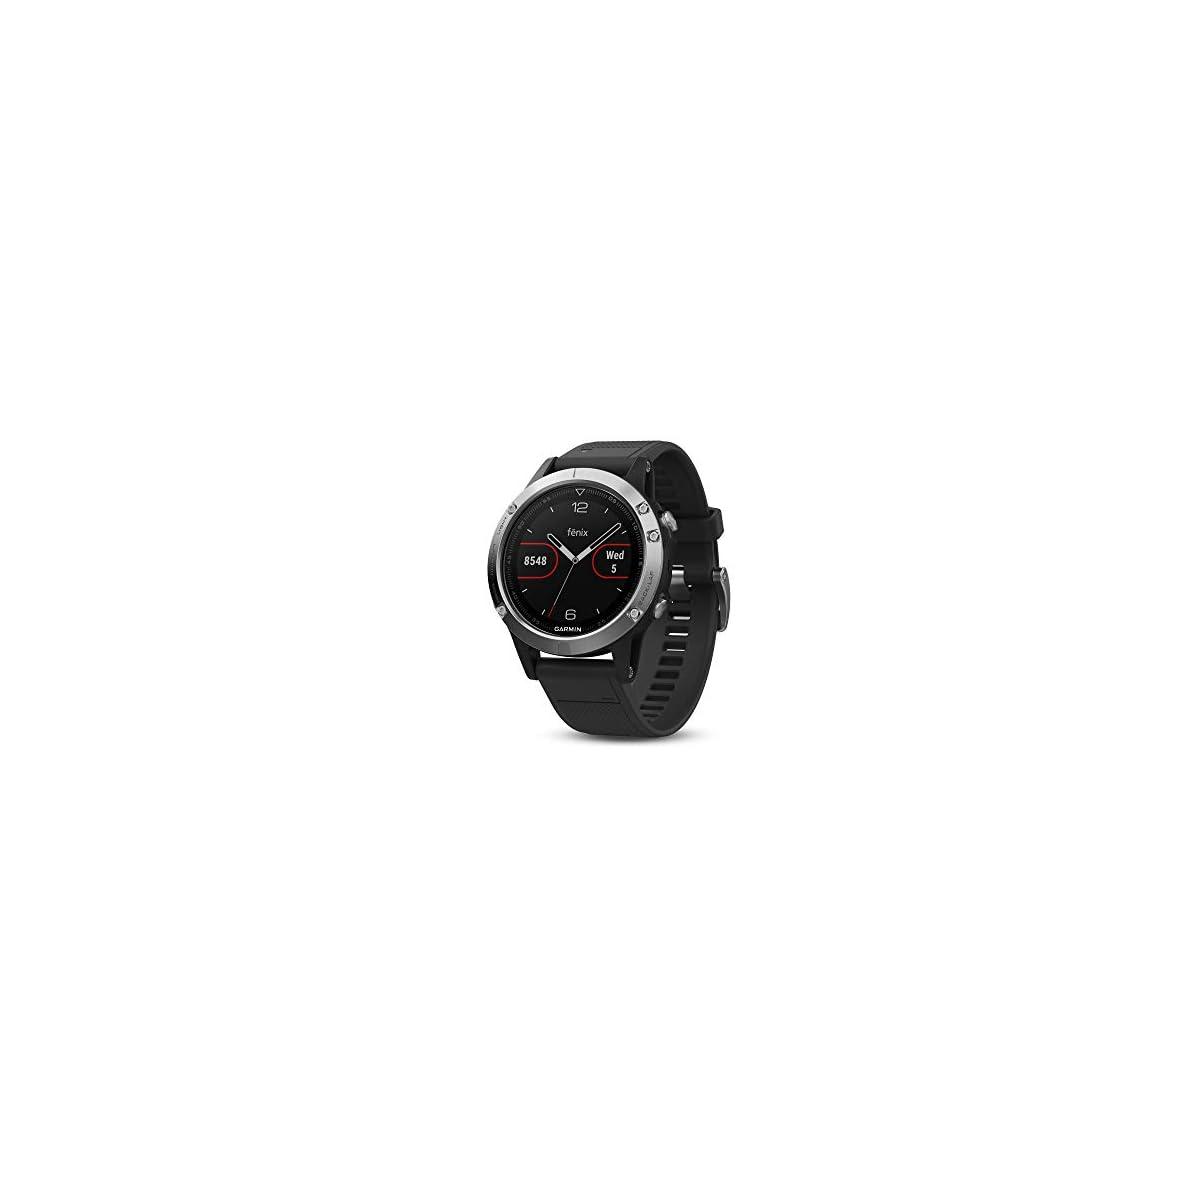 41qUfPBkQAL. SS1200  - Garmin Fenix 5 Silver - Reloj Multisport GPS con Navegación y frecuencia Cardíaca, Color Plata con correa negra